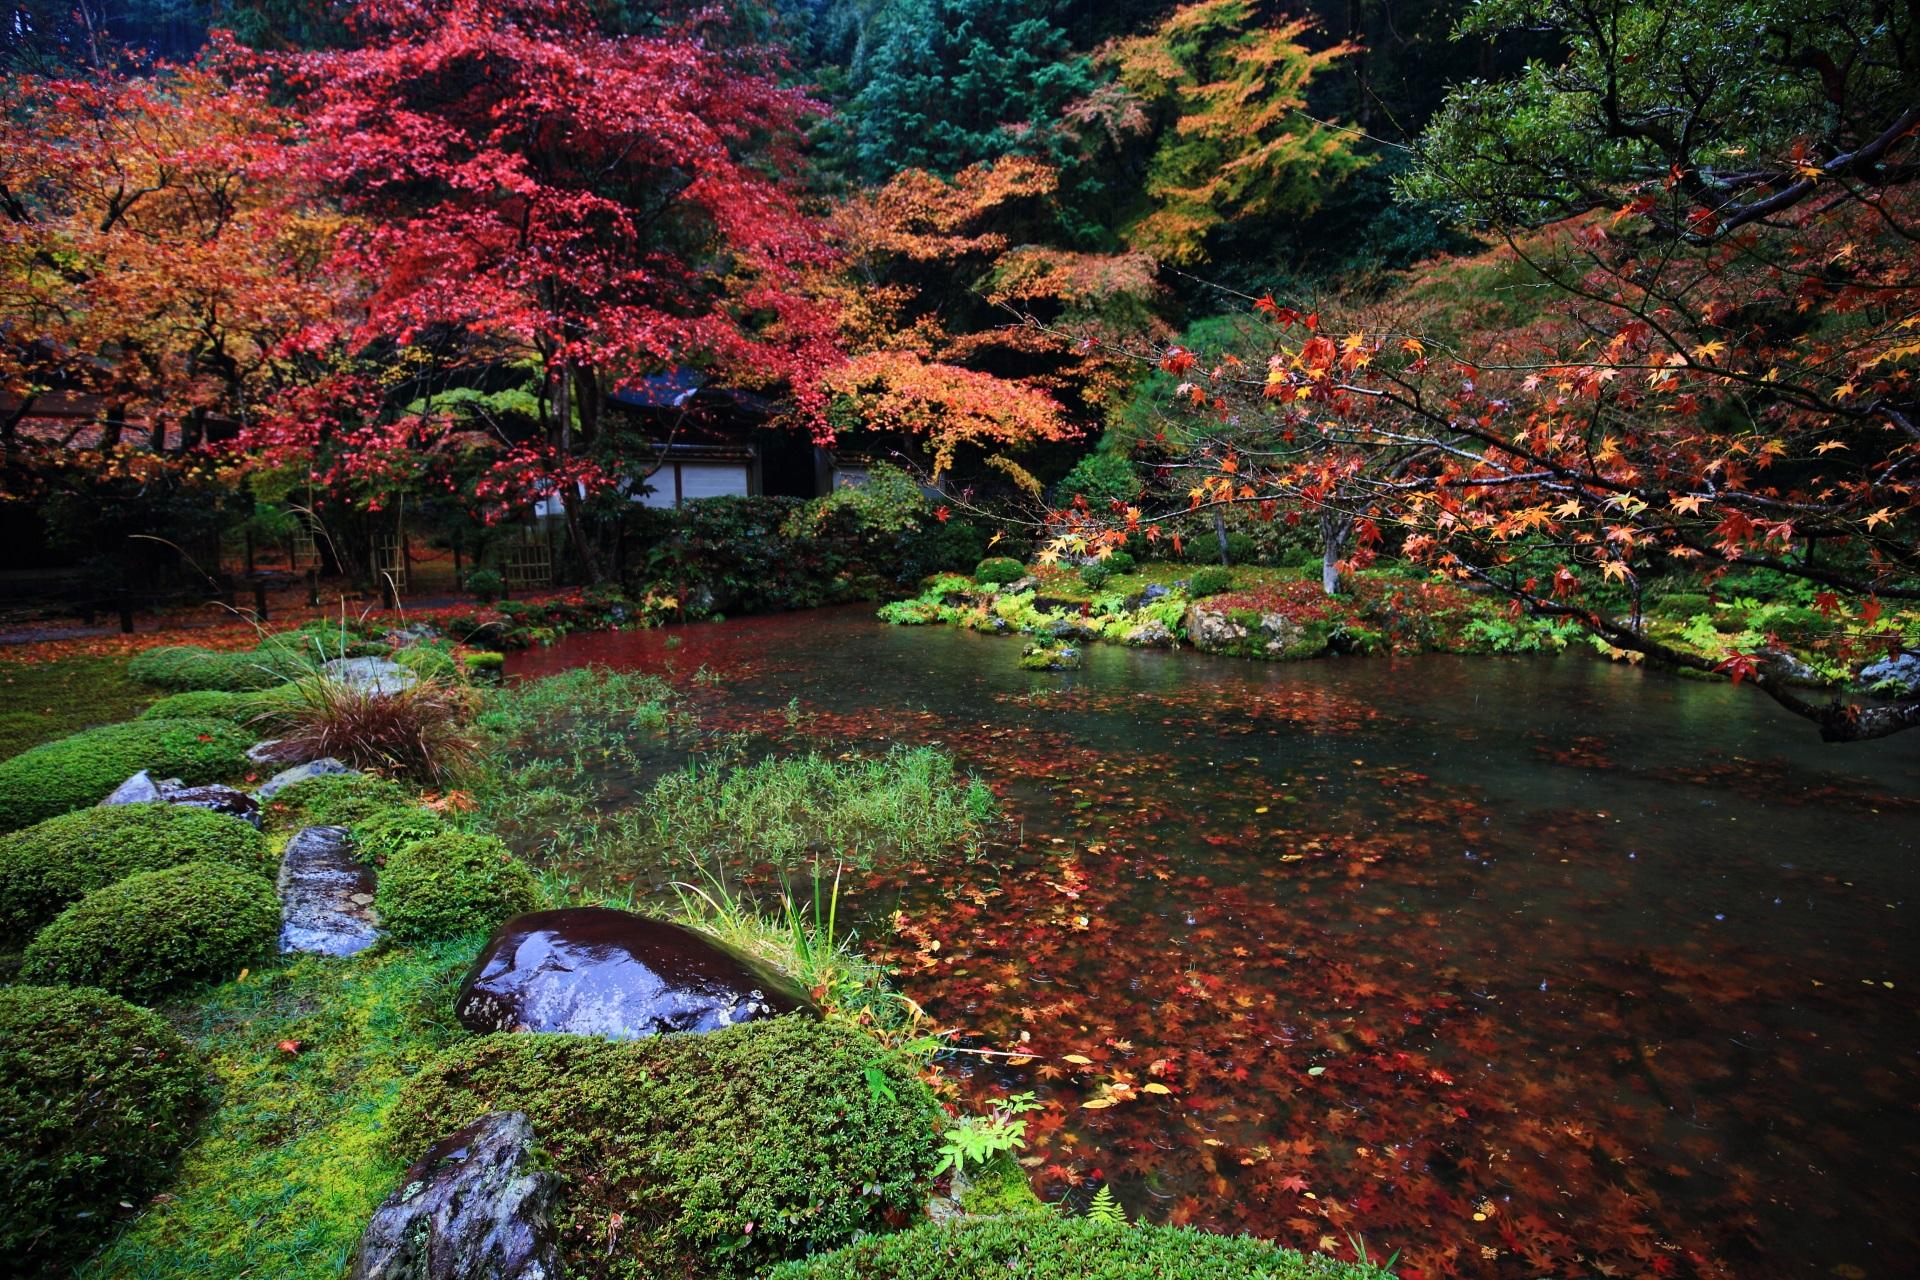 池の散り紅葉と水の中の紅葉の絨毯